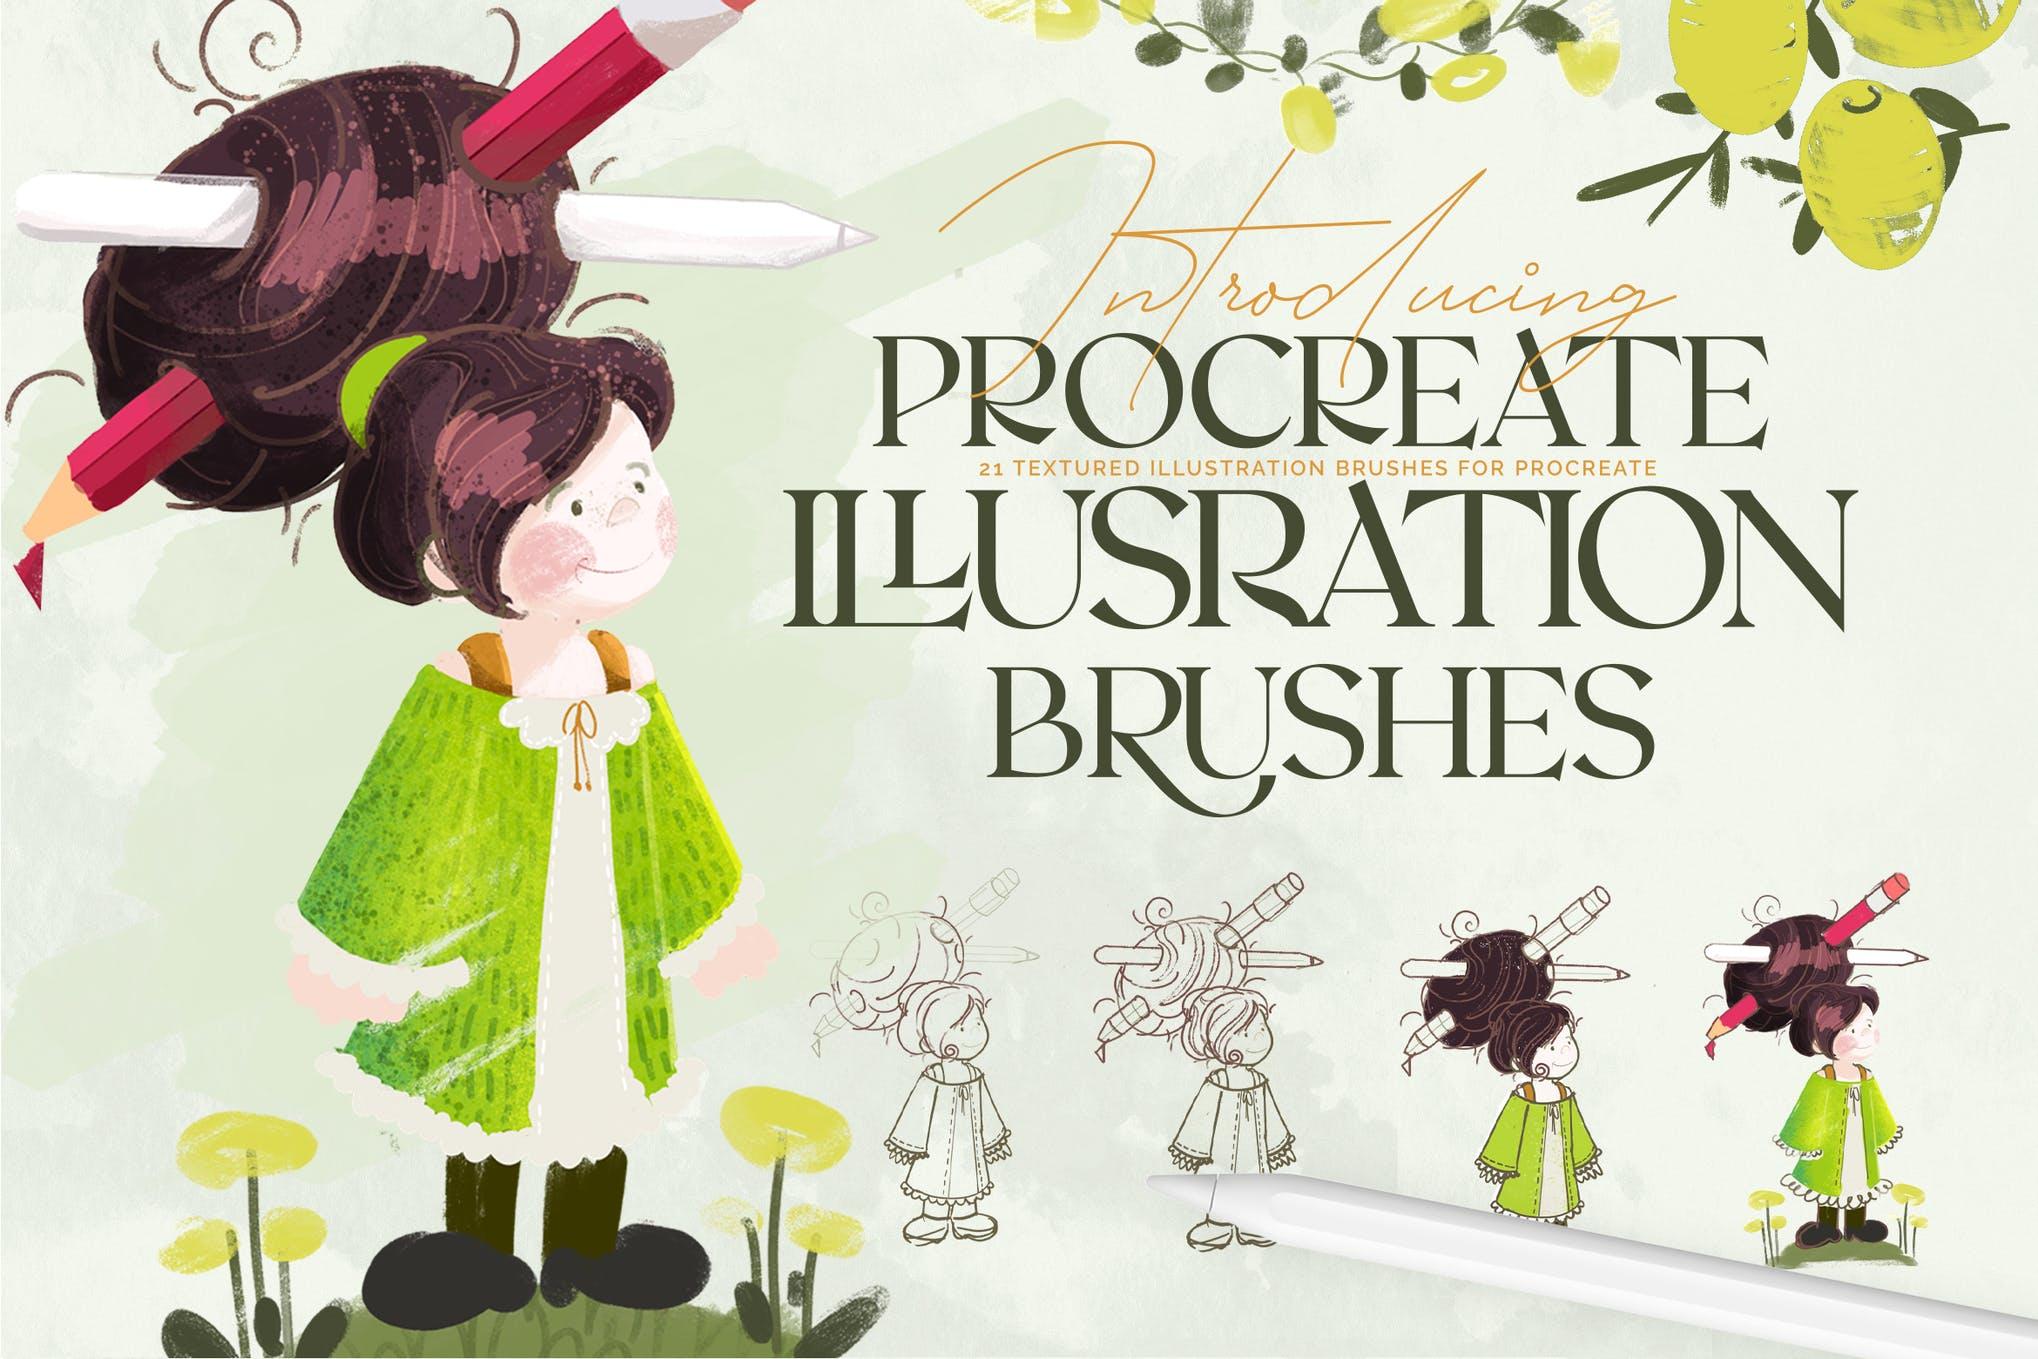 Illustration Brushes- Procreate Brushes